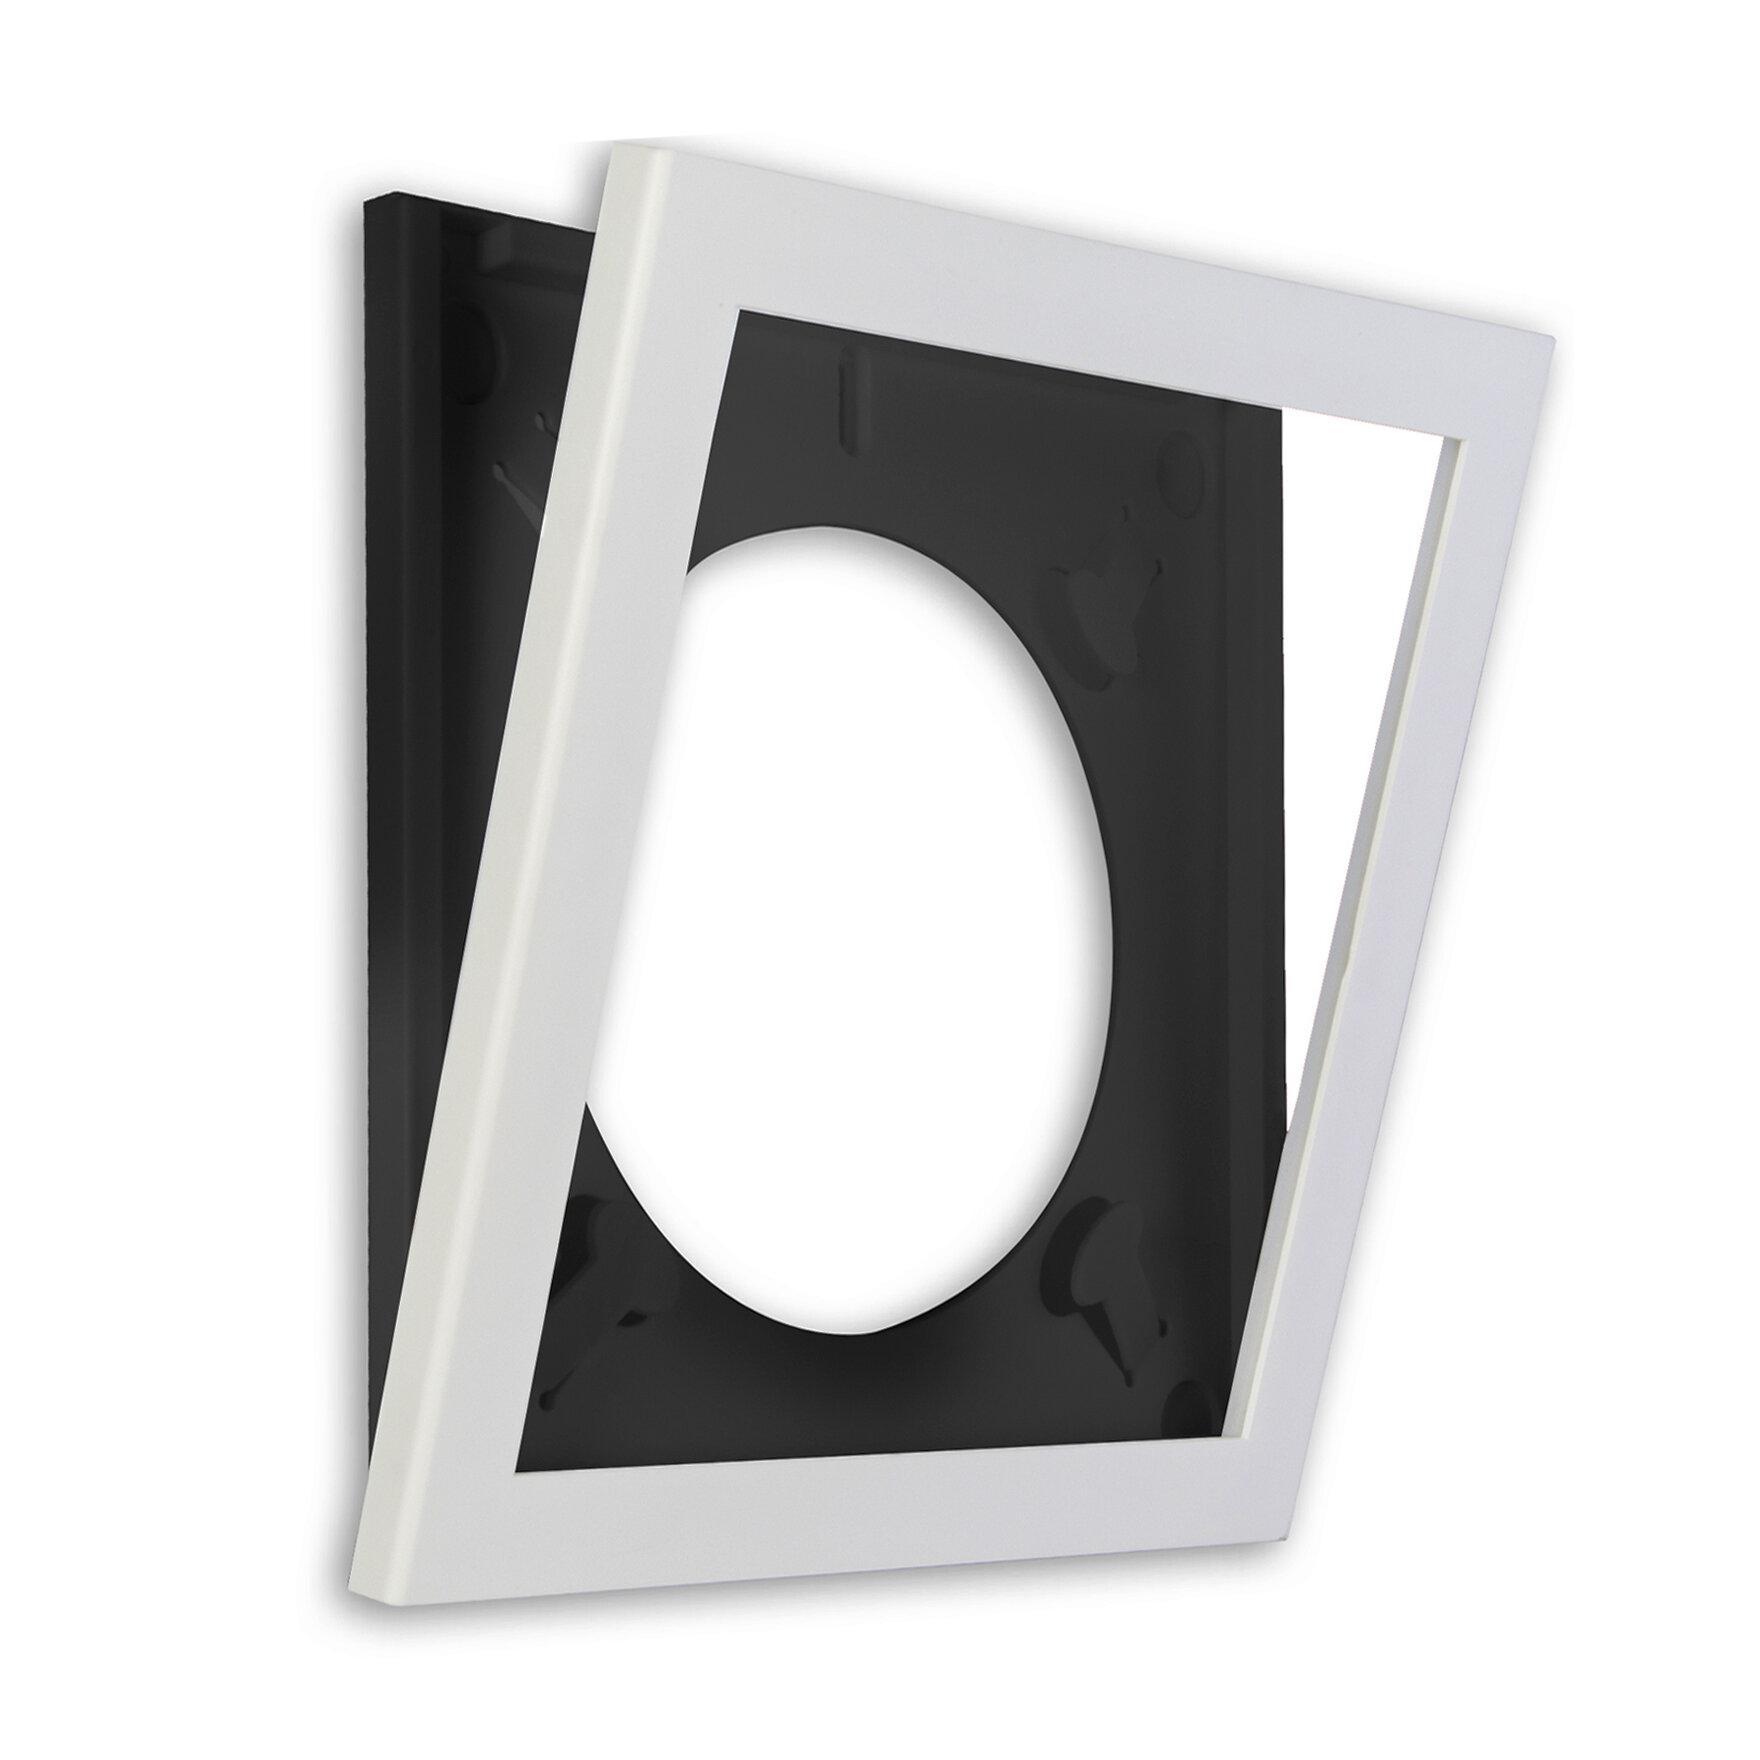 NielsenBainbridge Play & Display Vinyl Record Display Picture Frame ...